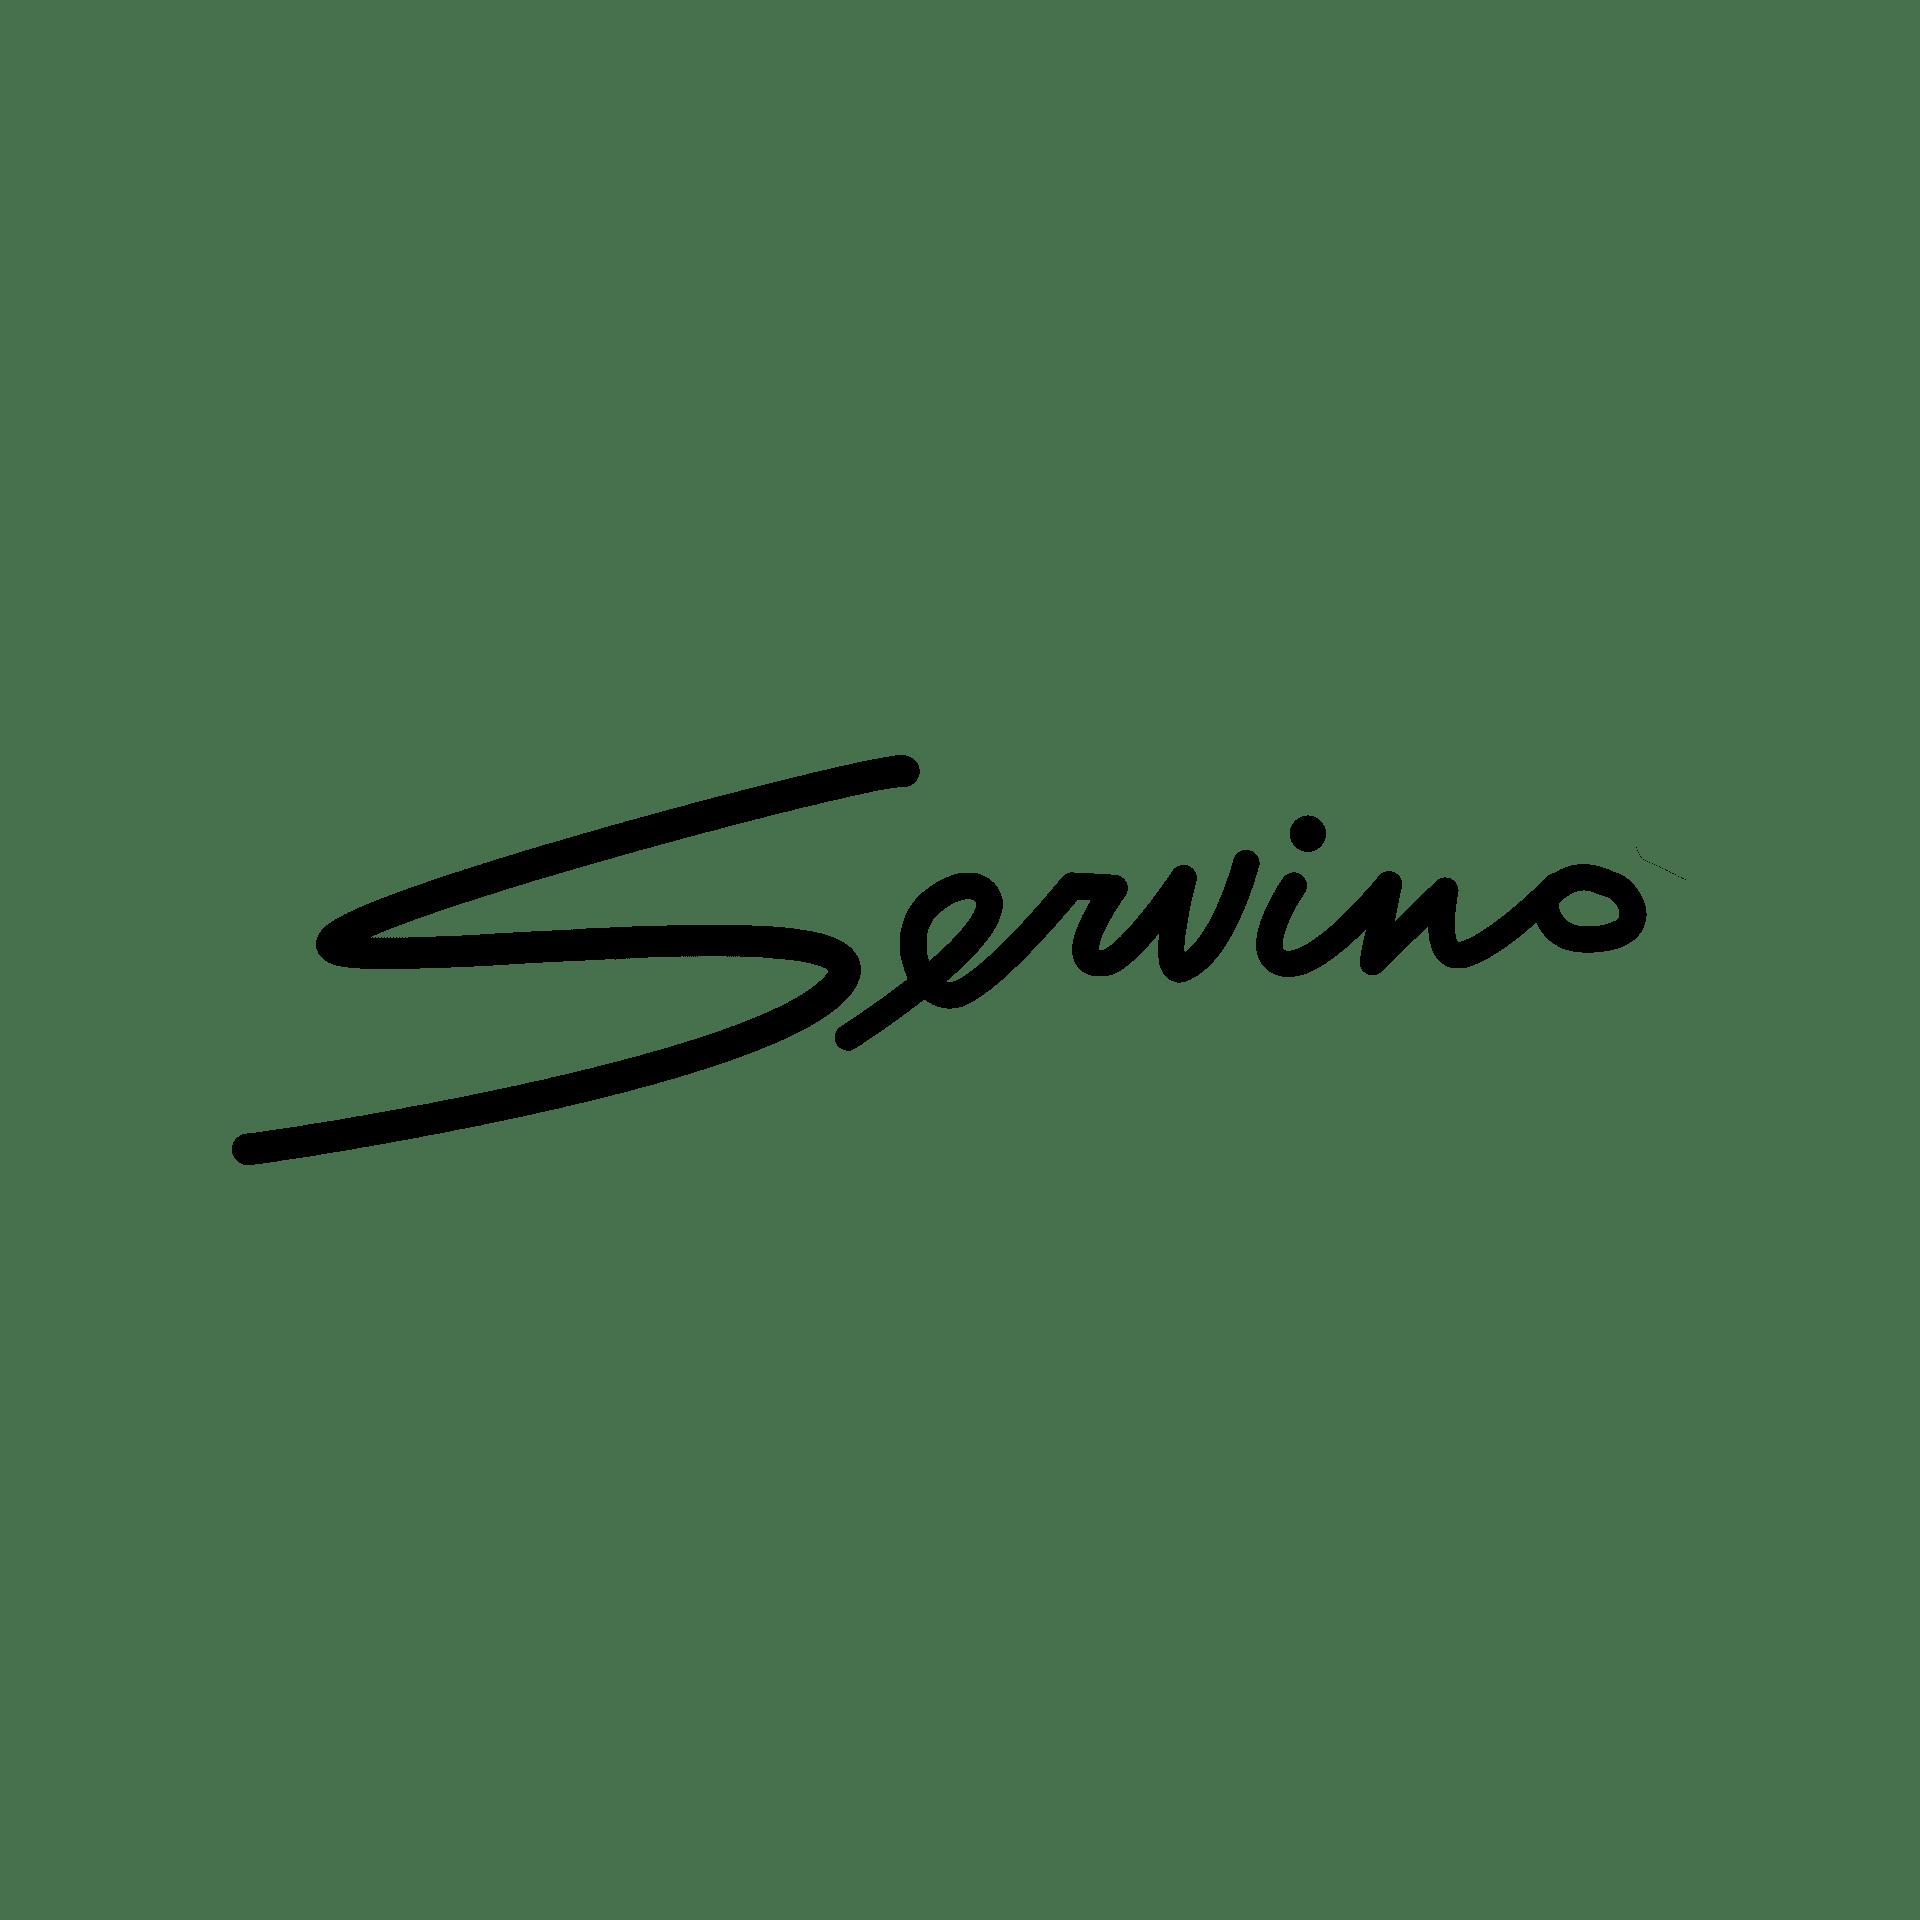 Servino-black-w1920.png